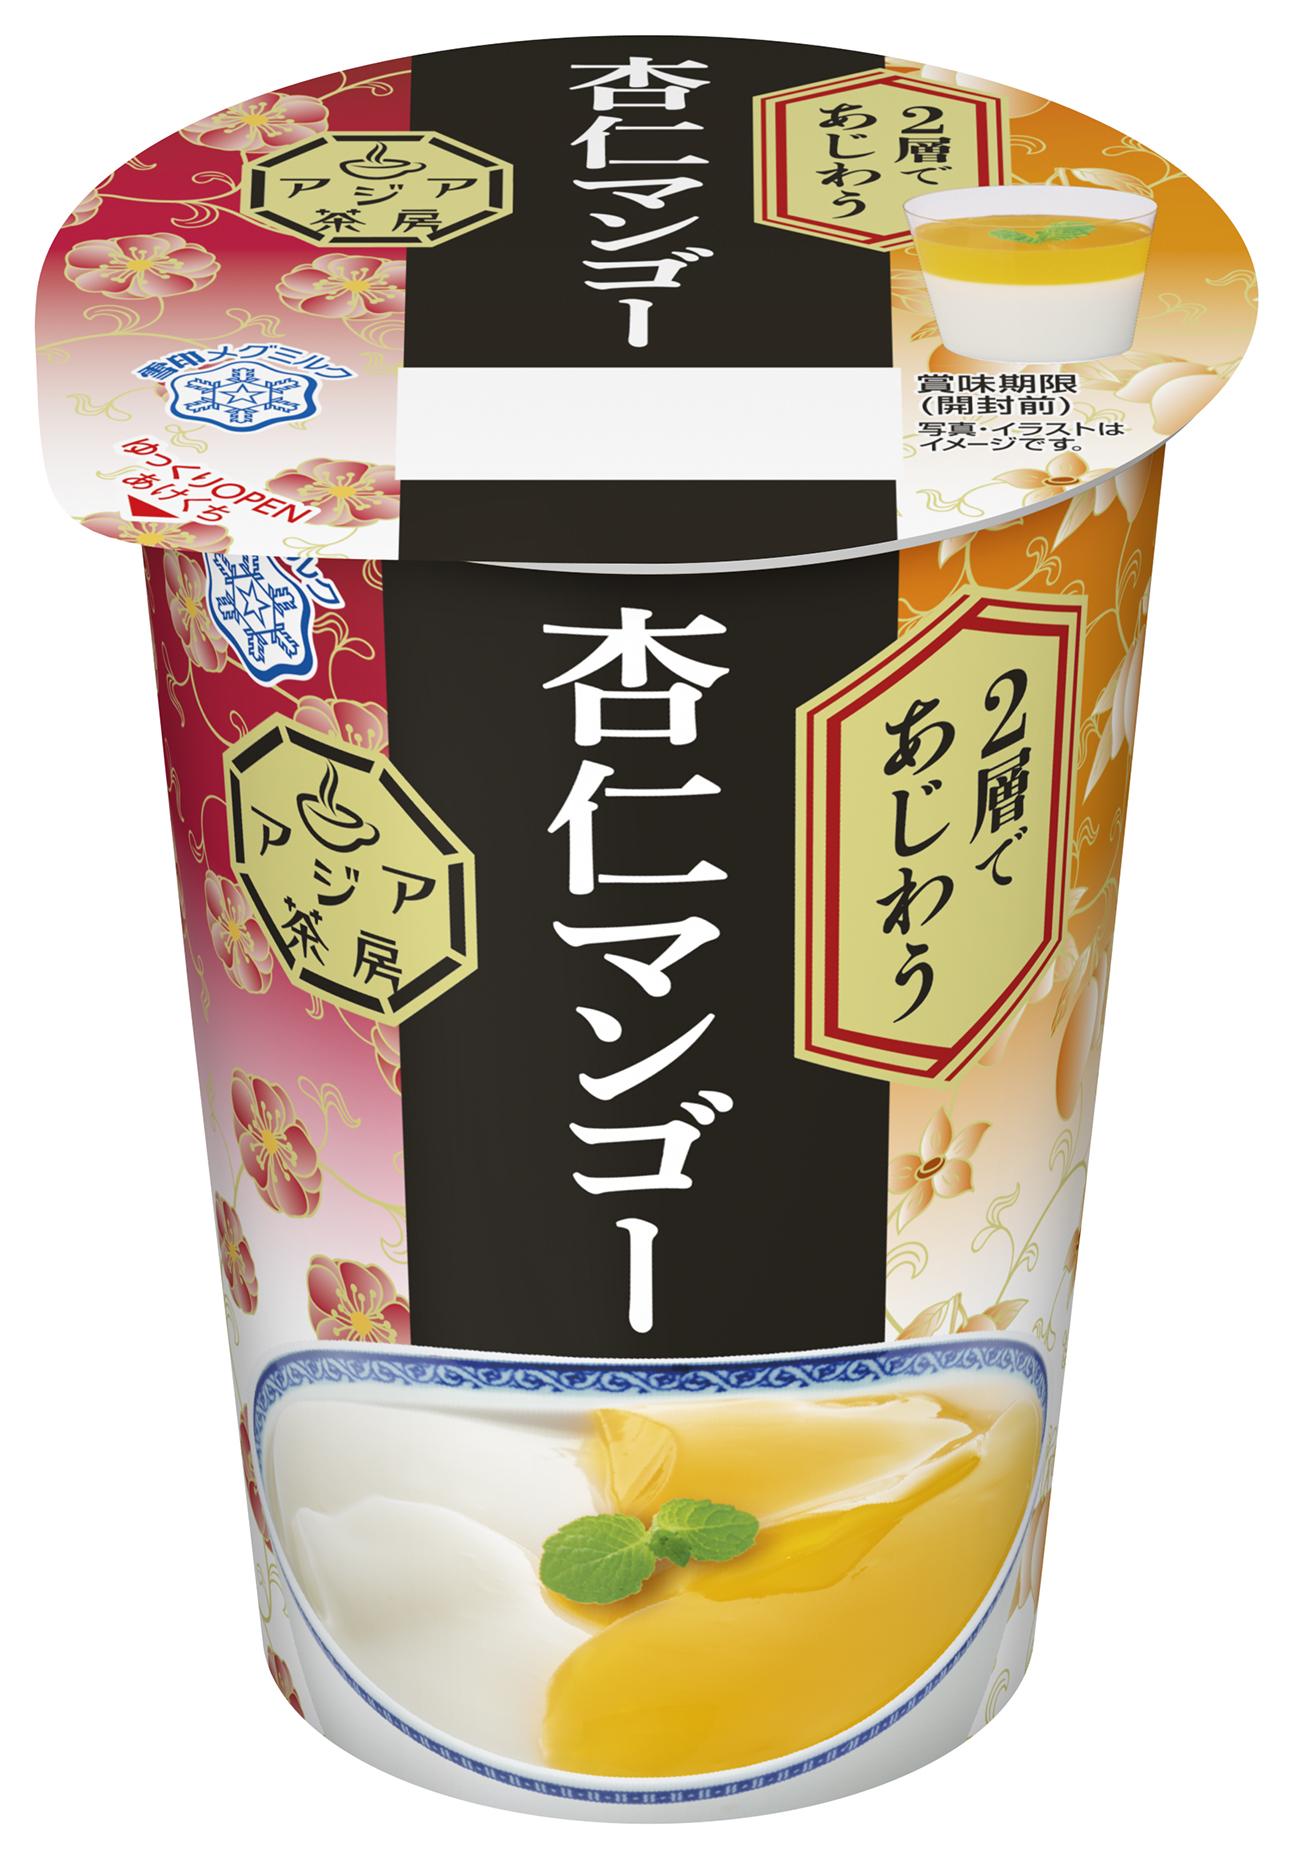 『アジア茶房 2層であじわう 杏仁マンゴー』(170g)『アジア茶房 2層であじわう 黒ごま白ごまプ... 画像